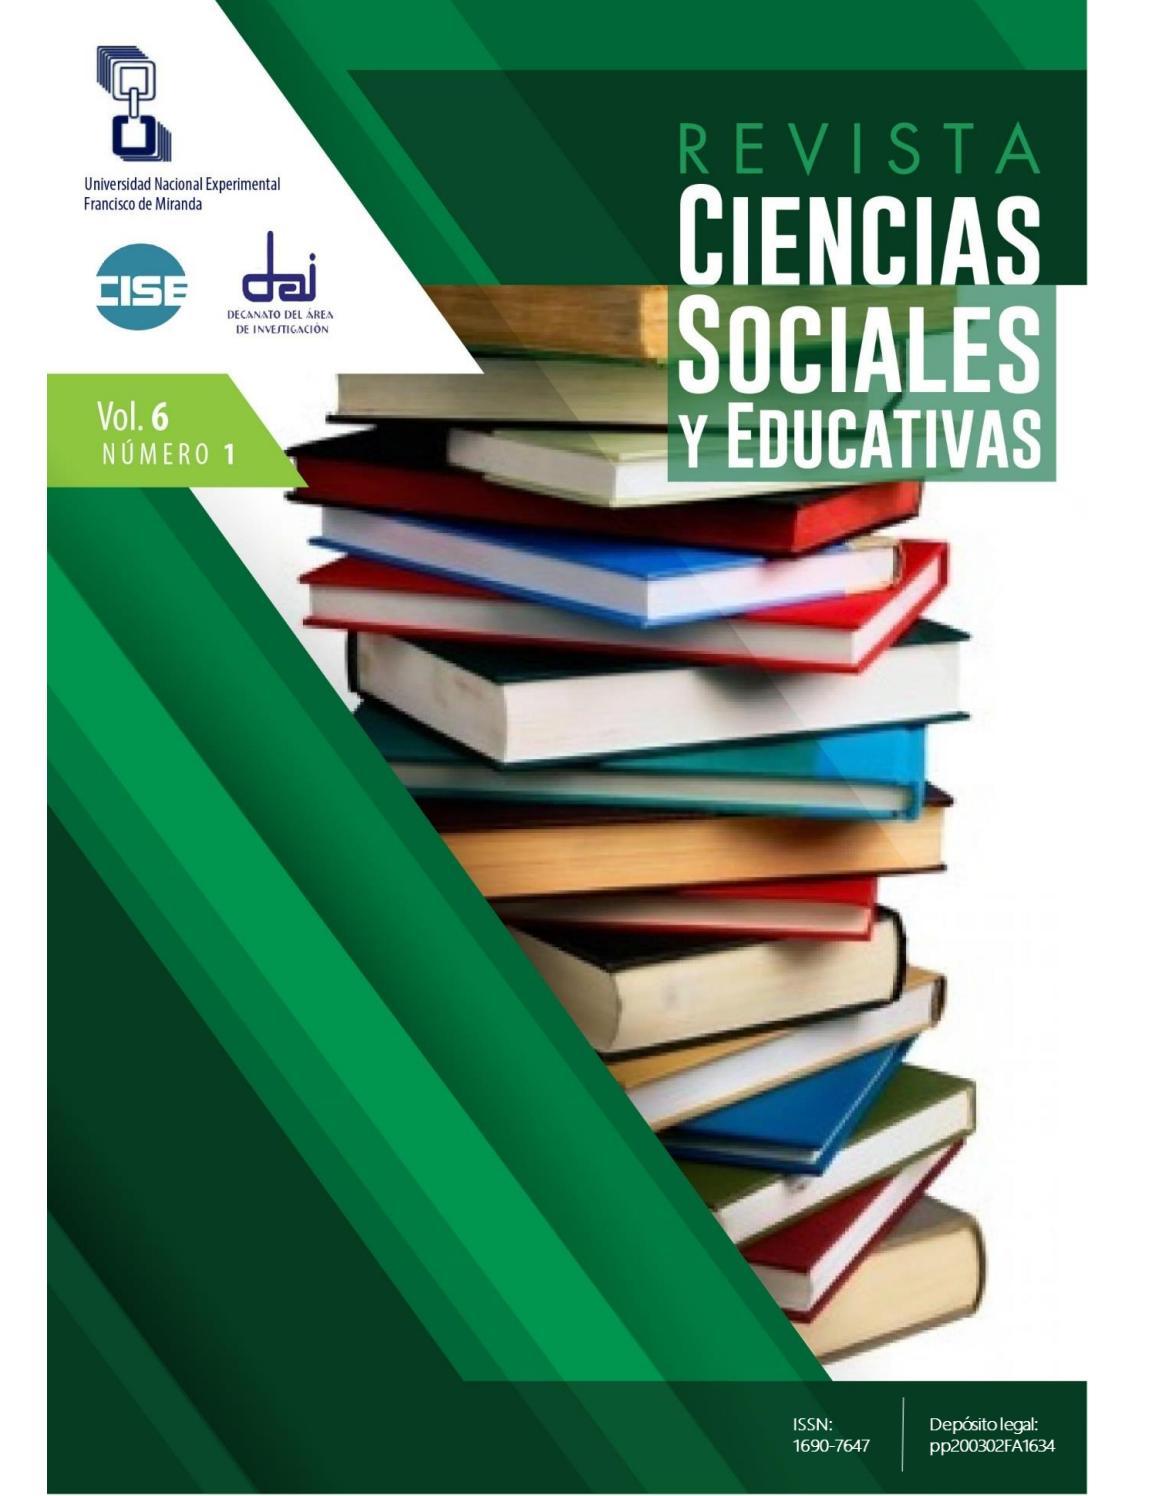 RCSE Vol. VI, Nro. 1 by Revista Ciencias Sociales y Educativas - issuu